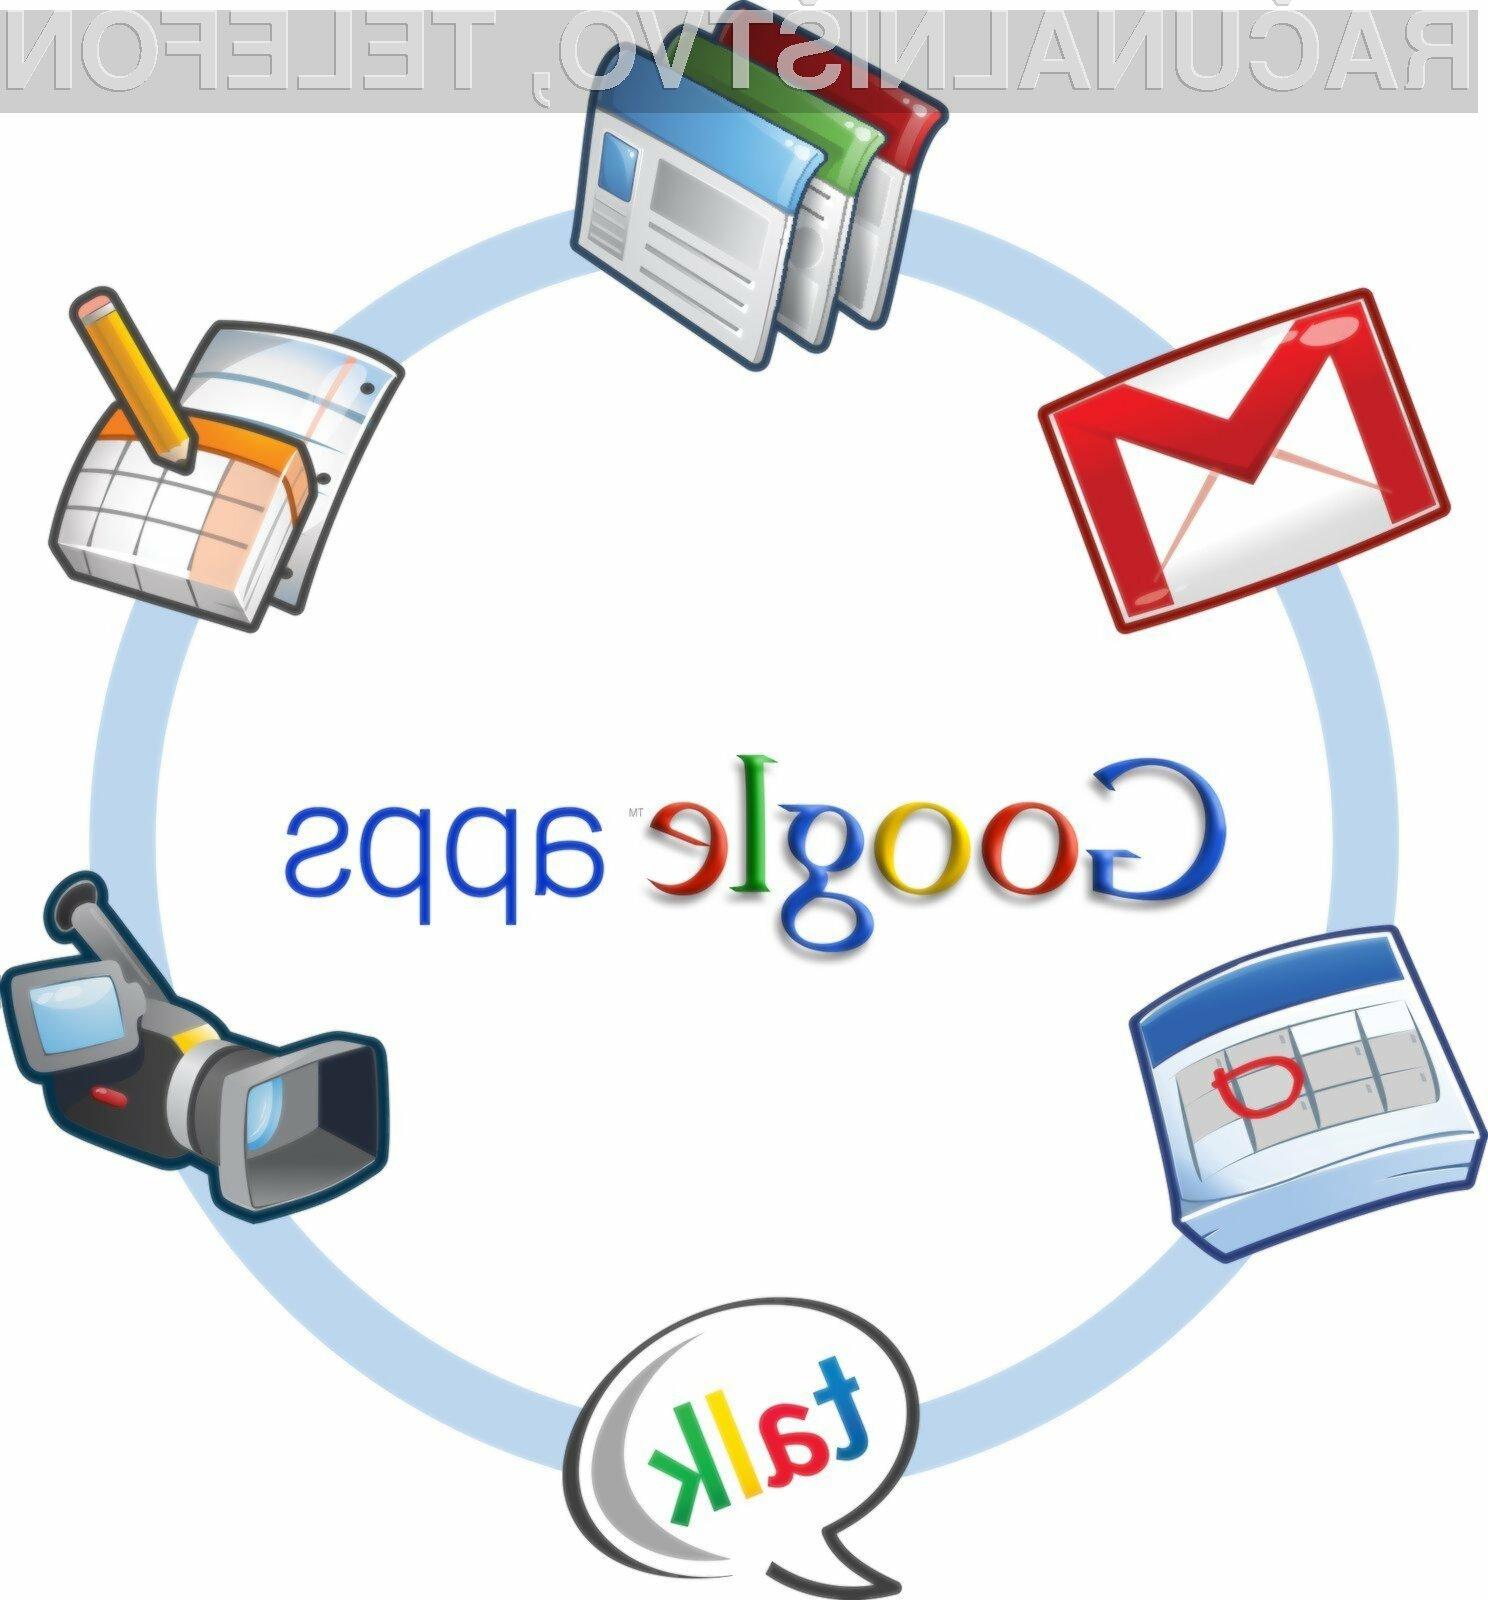 Spletne aplikacije Google Apps za nove uporabnike niso več brezplačne!